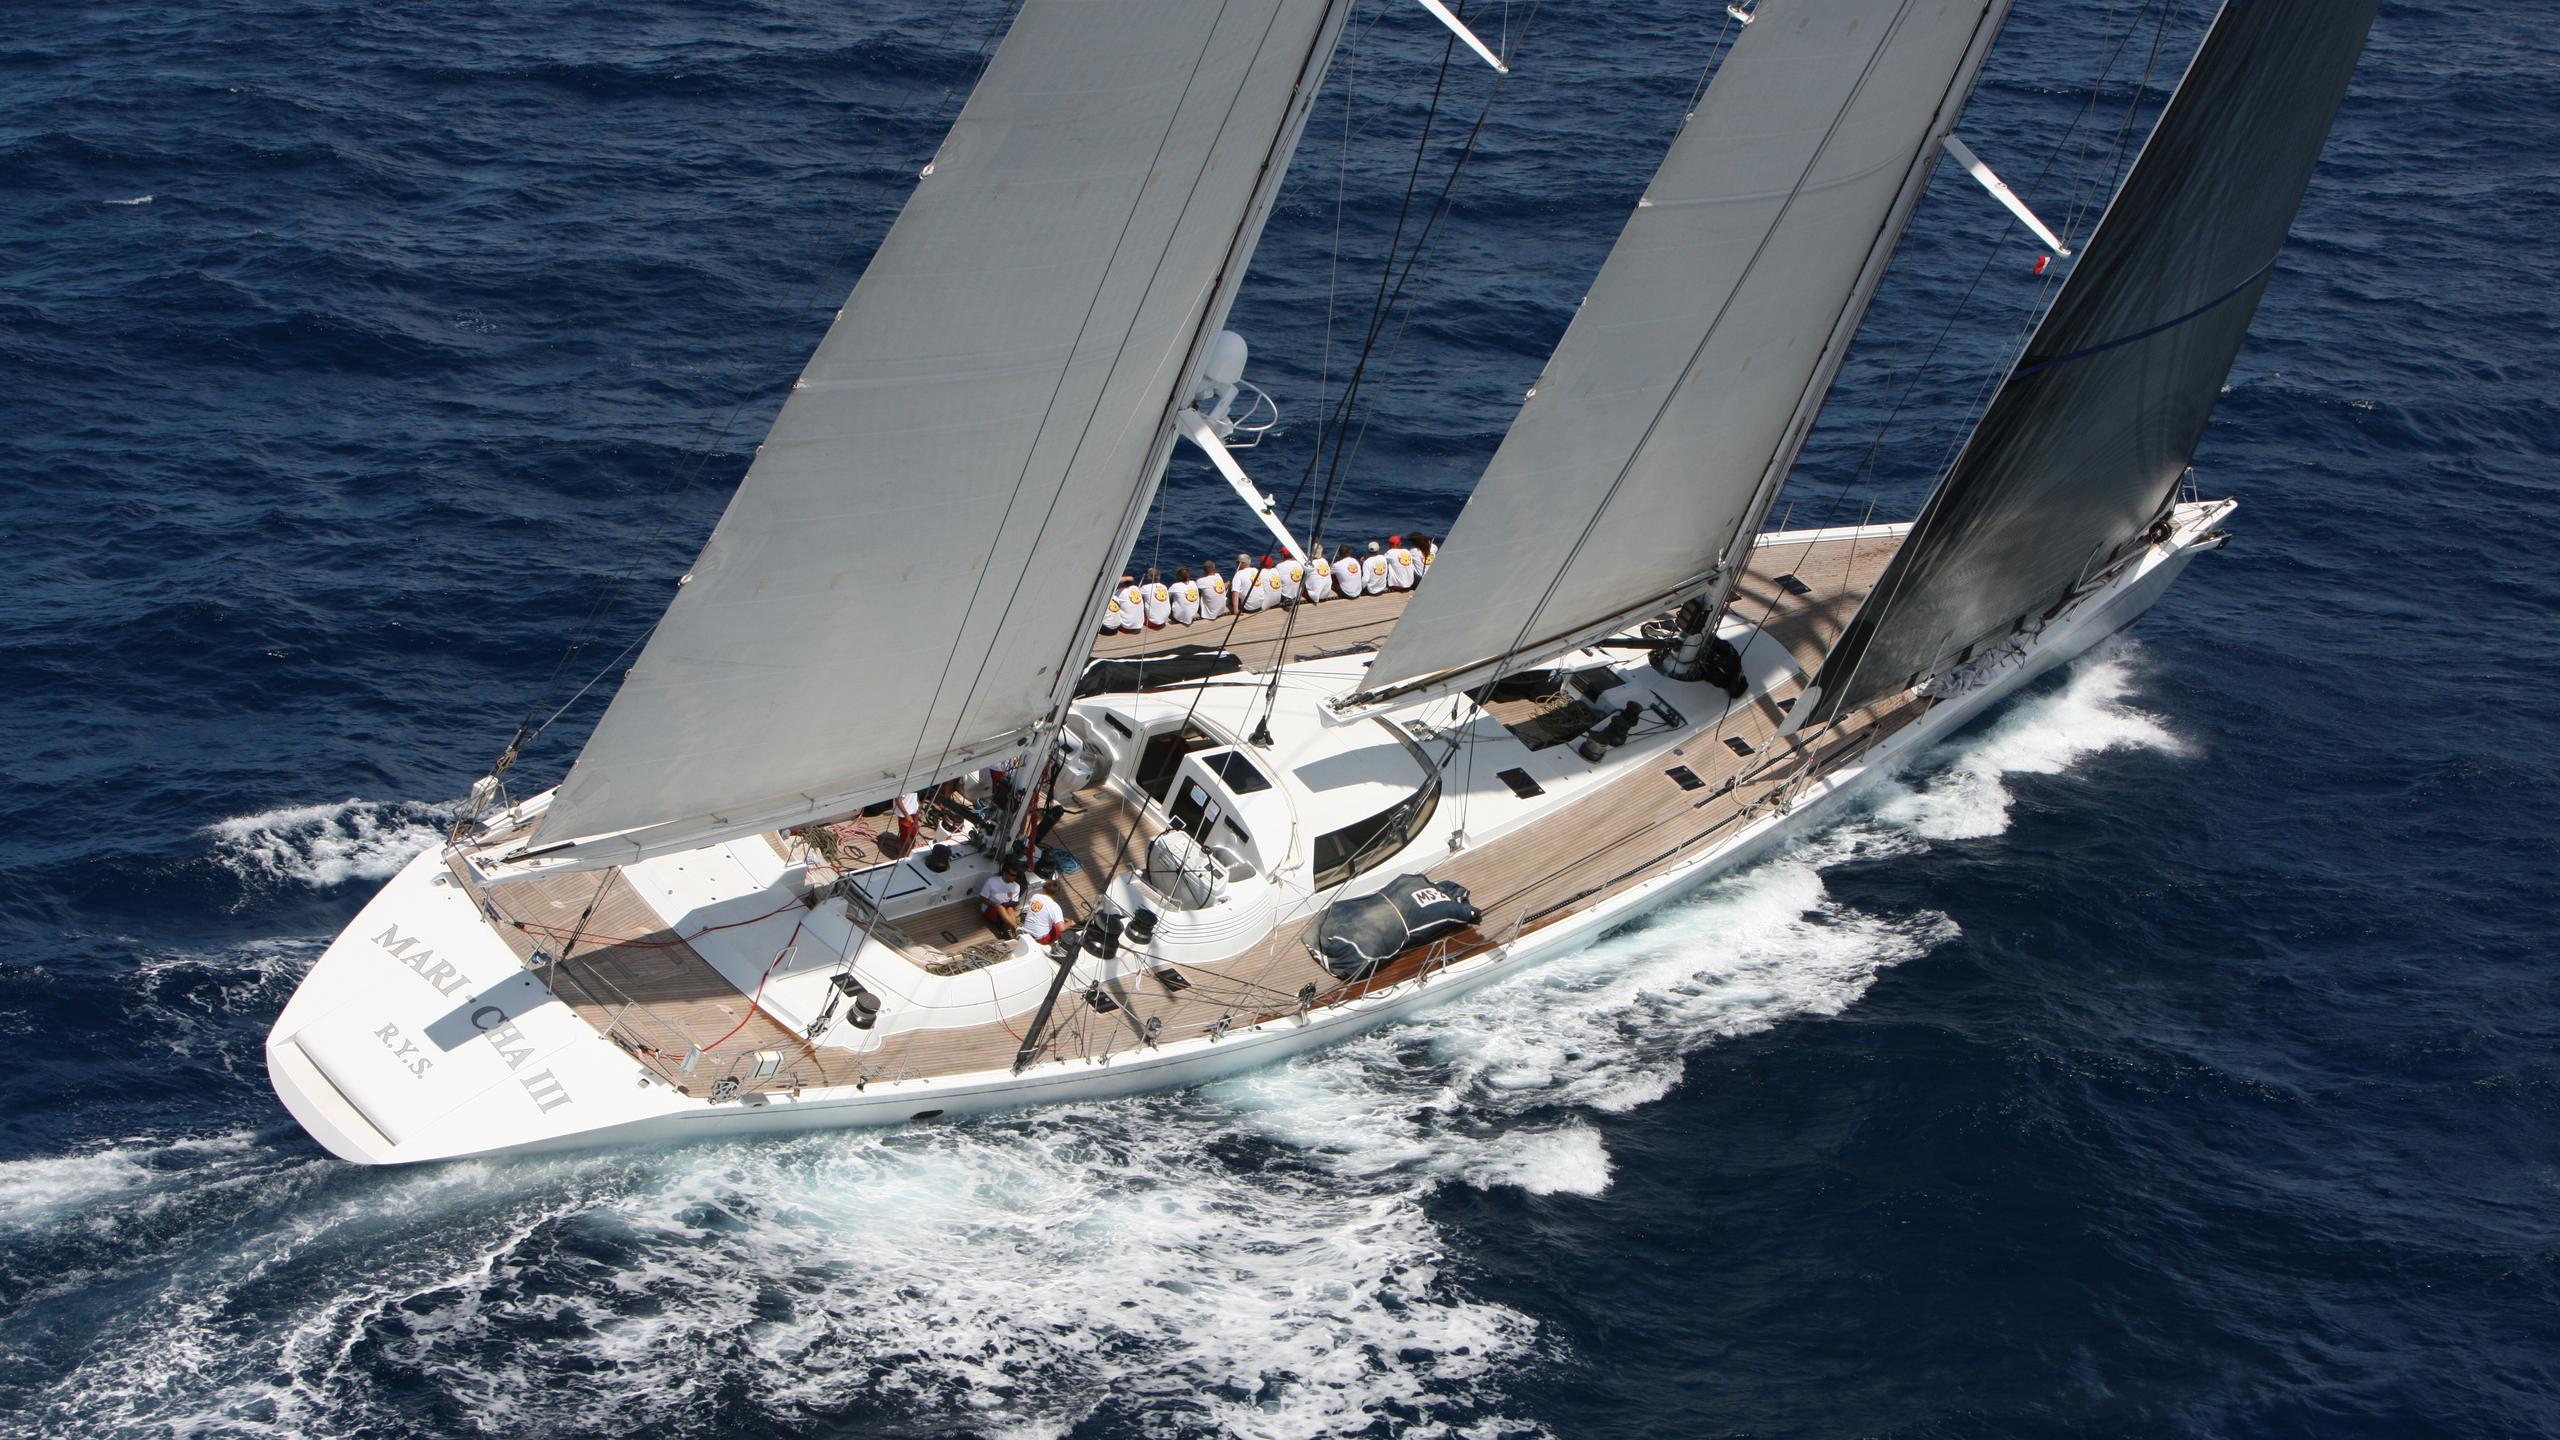 mari-cha-iii-yacht-for-sale-sailing